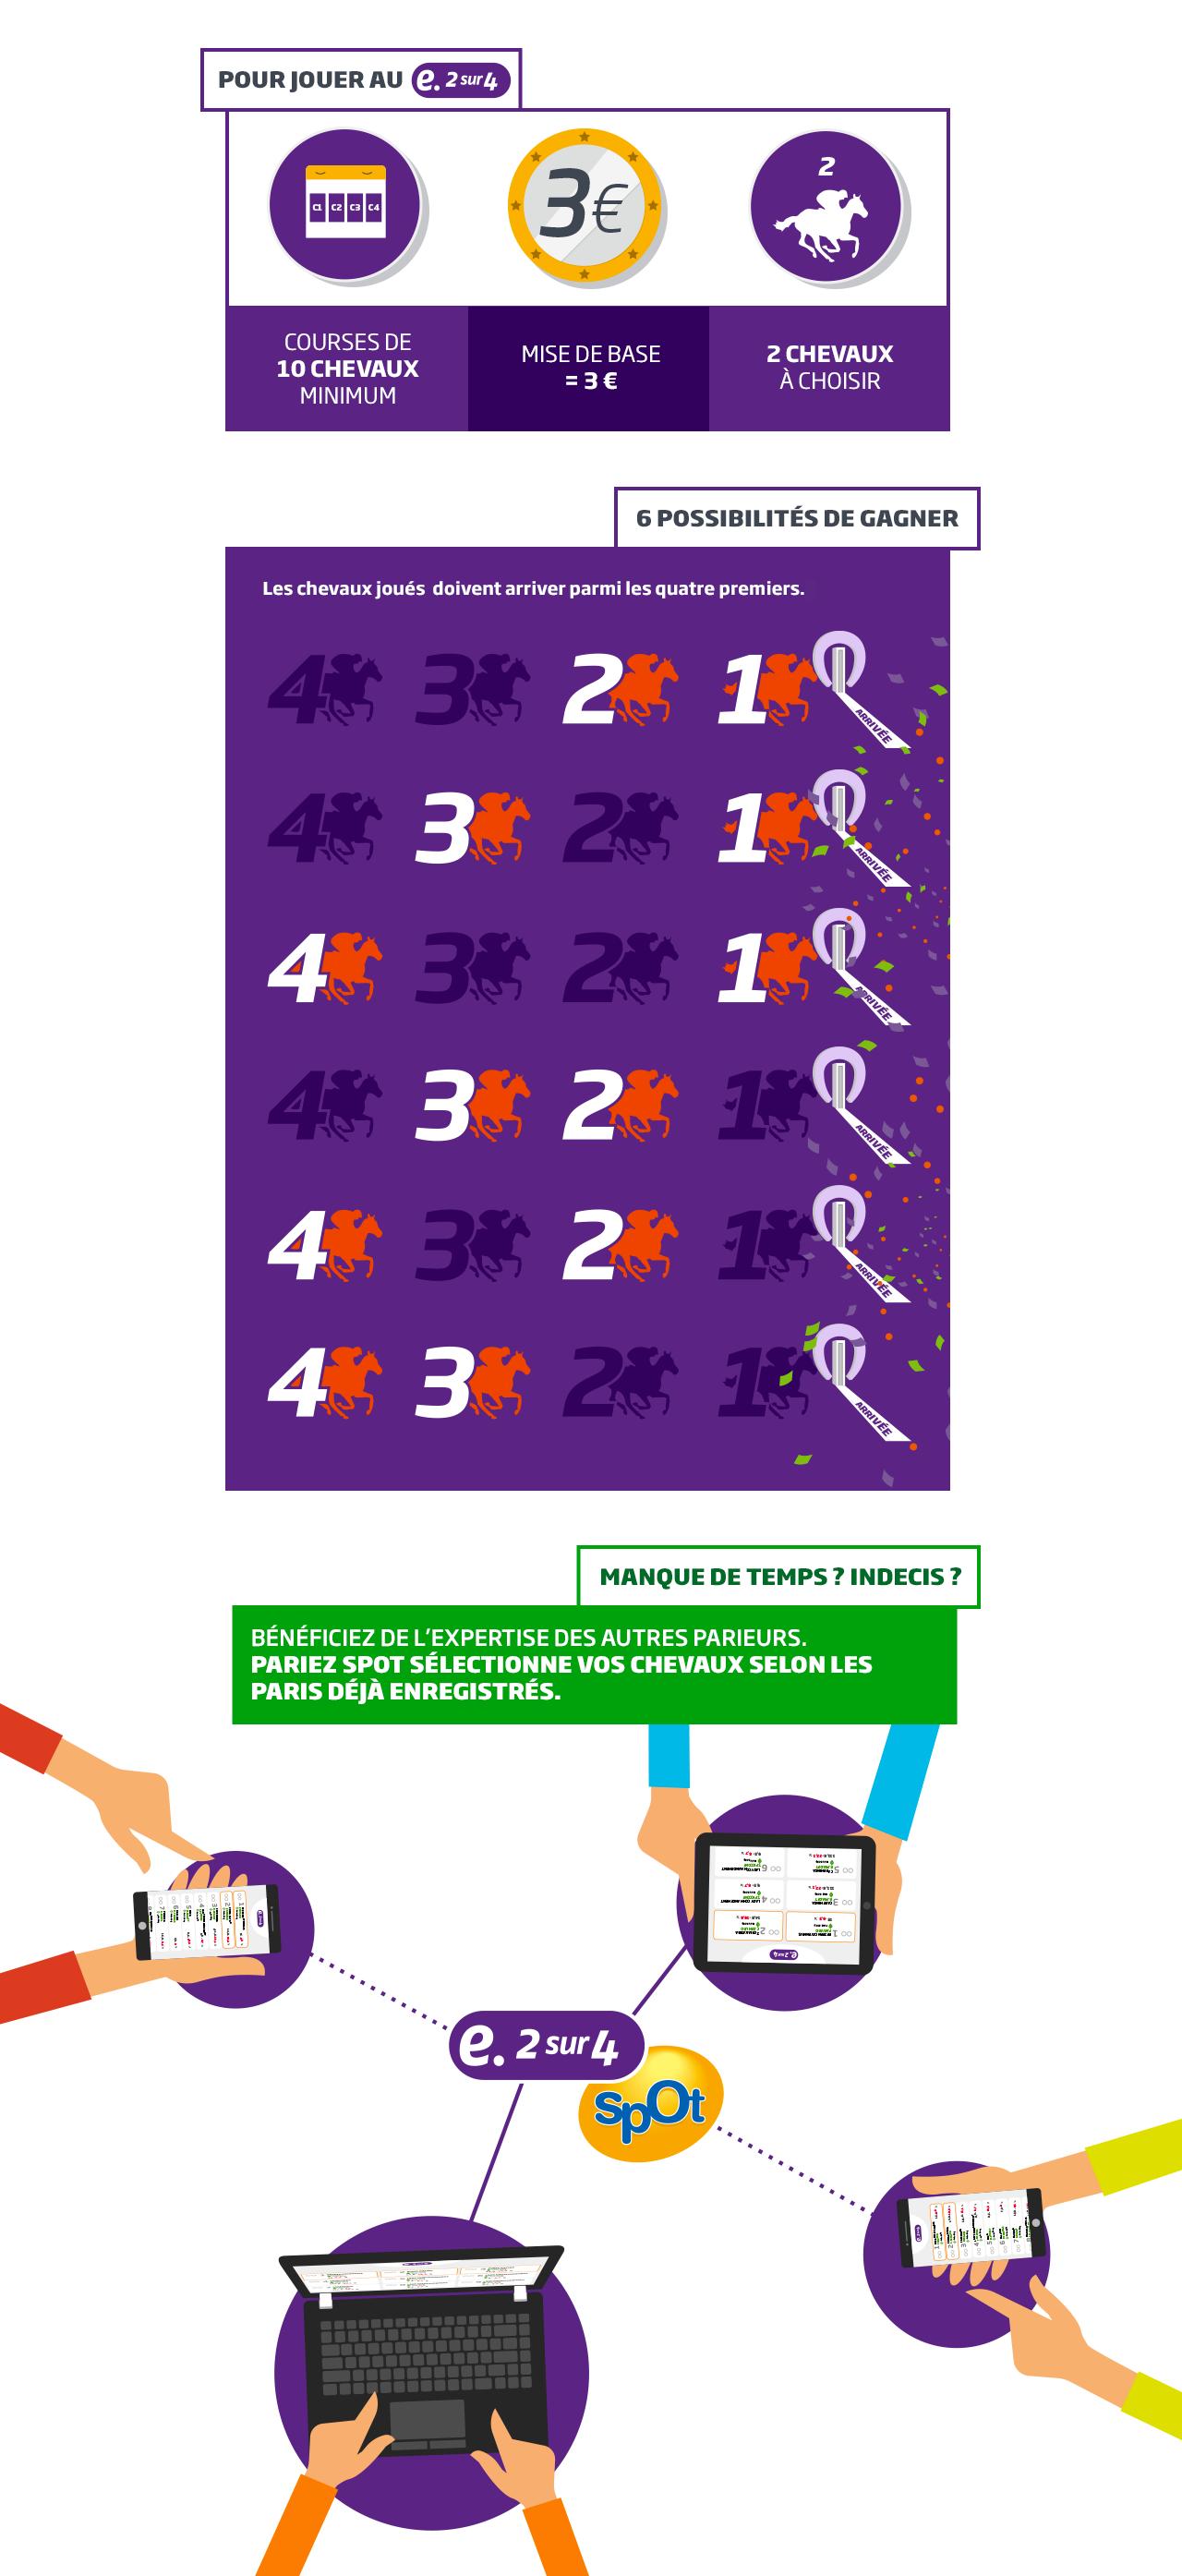 infographie e-2sur4 PMU